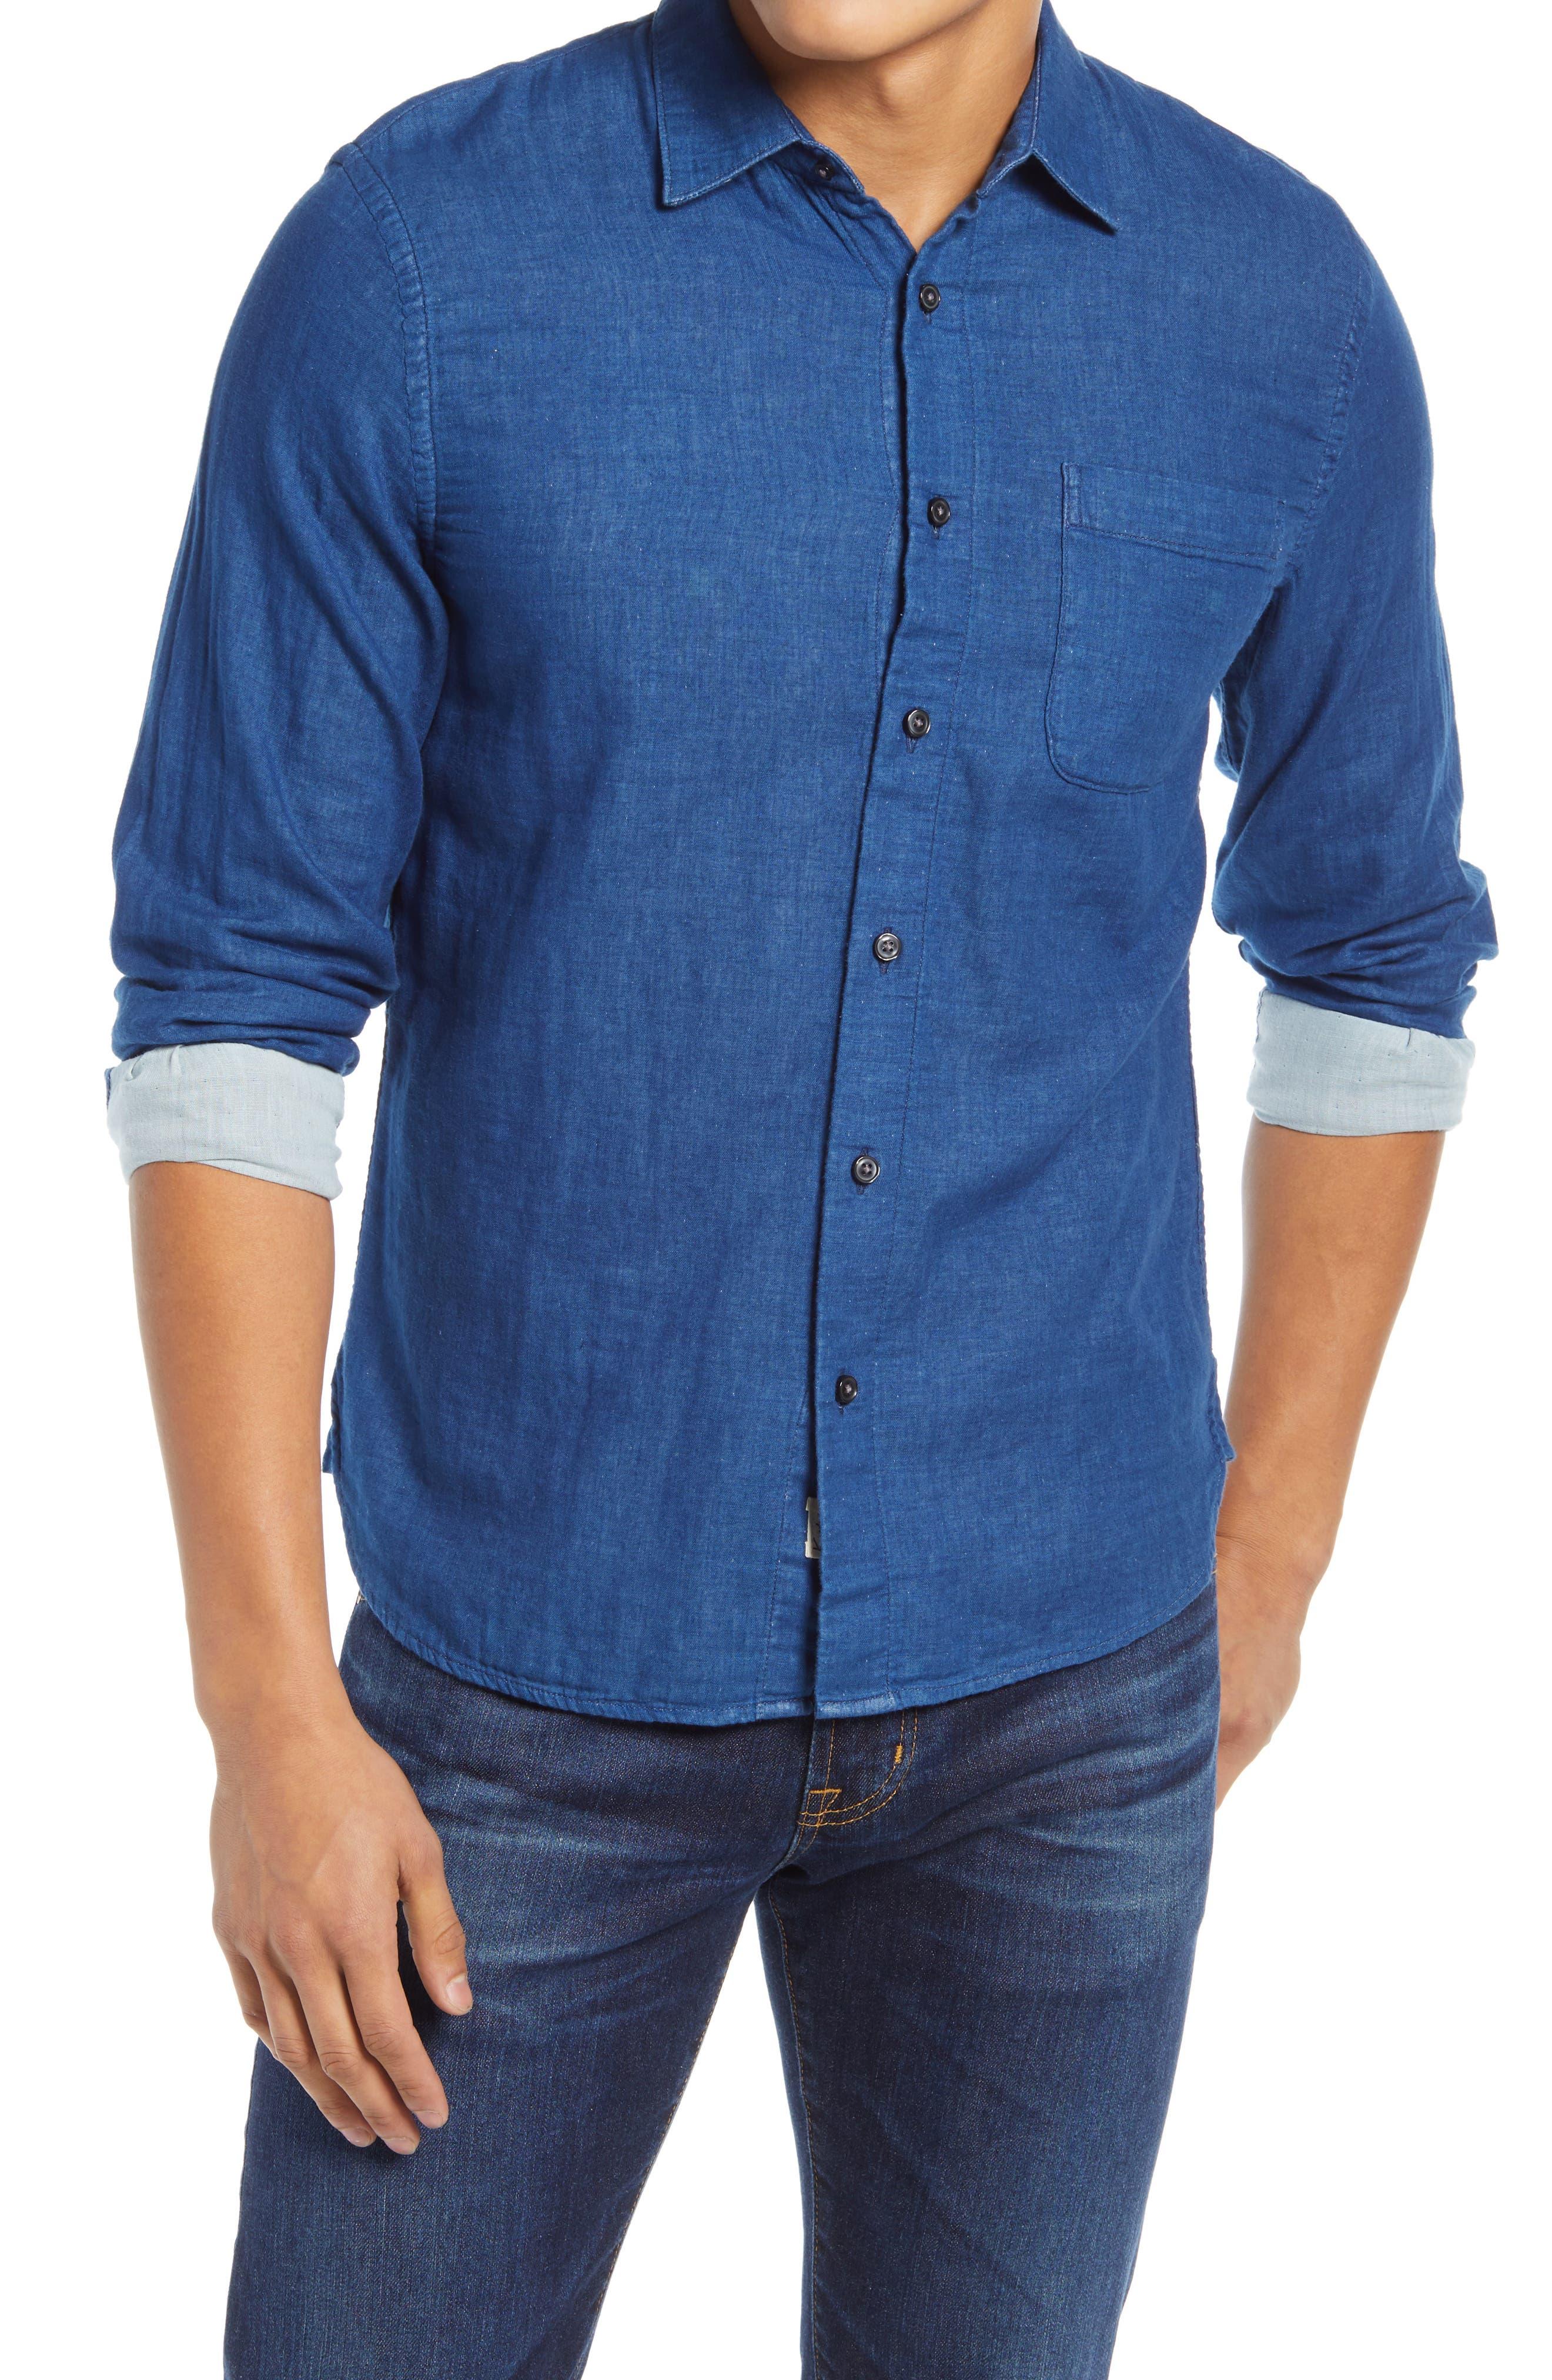 Slim Fit Double Gauze Button-Up Shirt